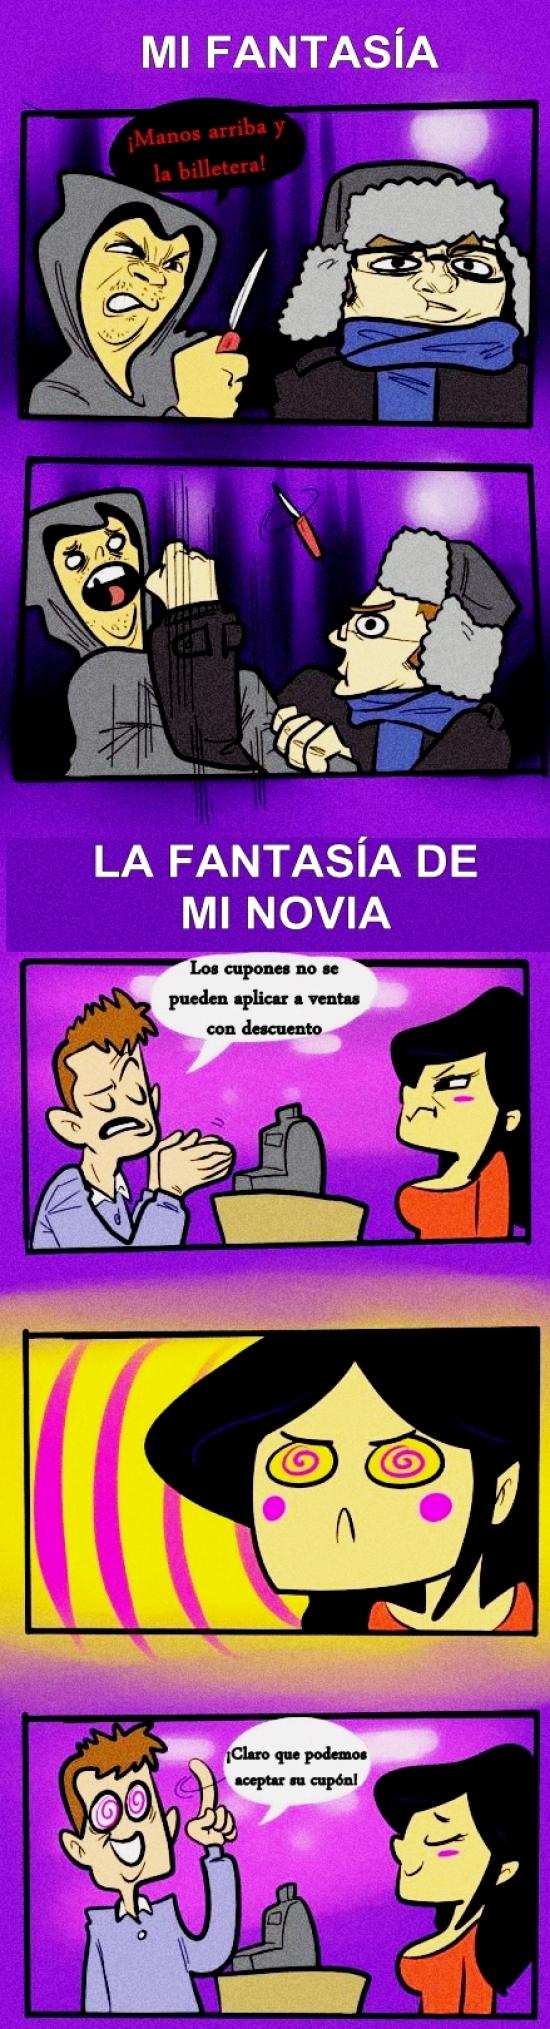 Otros - Diferencias entre fantasías